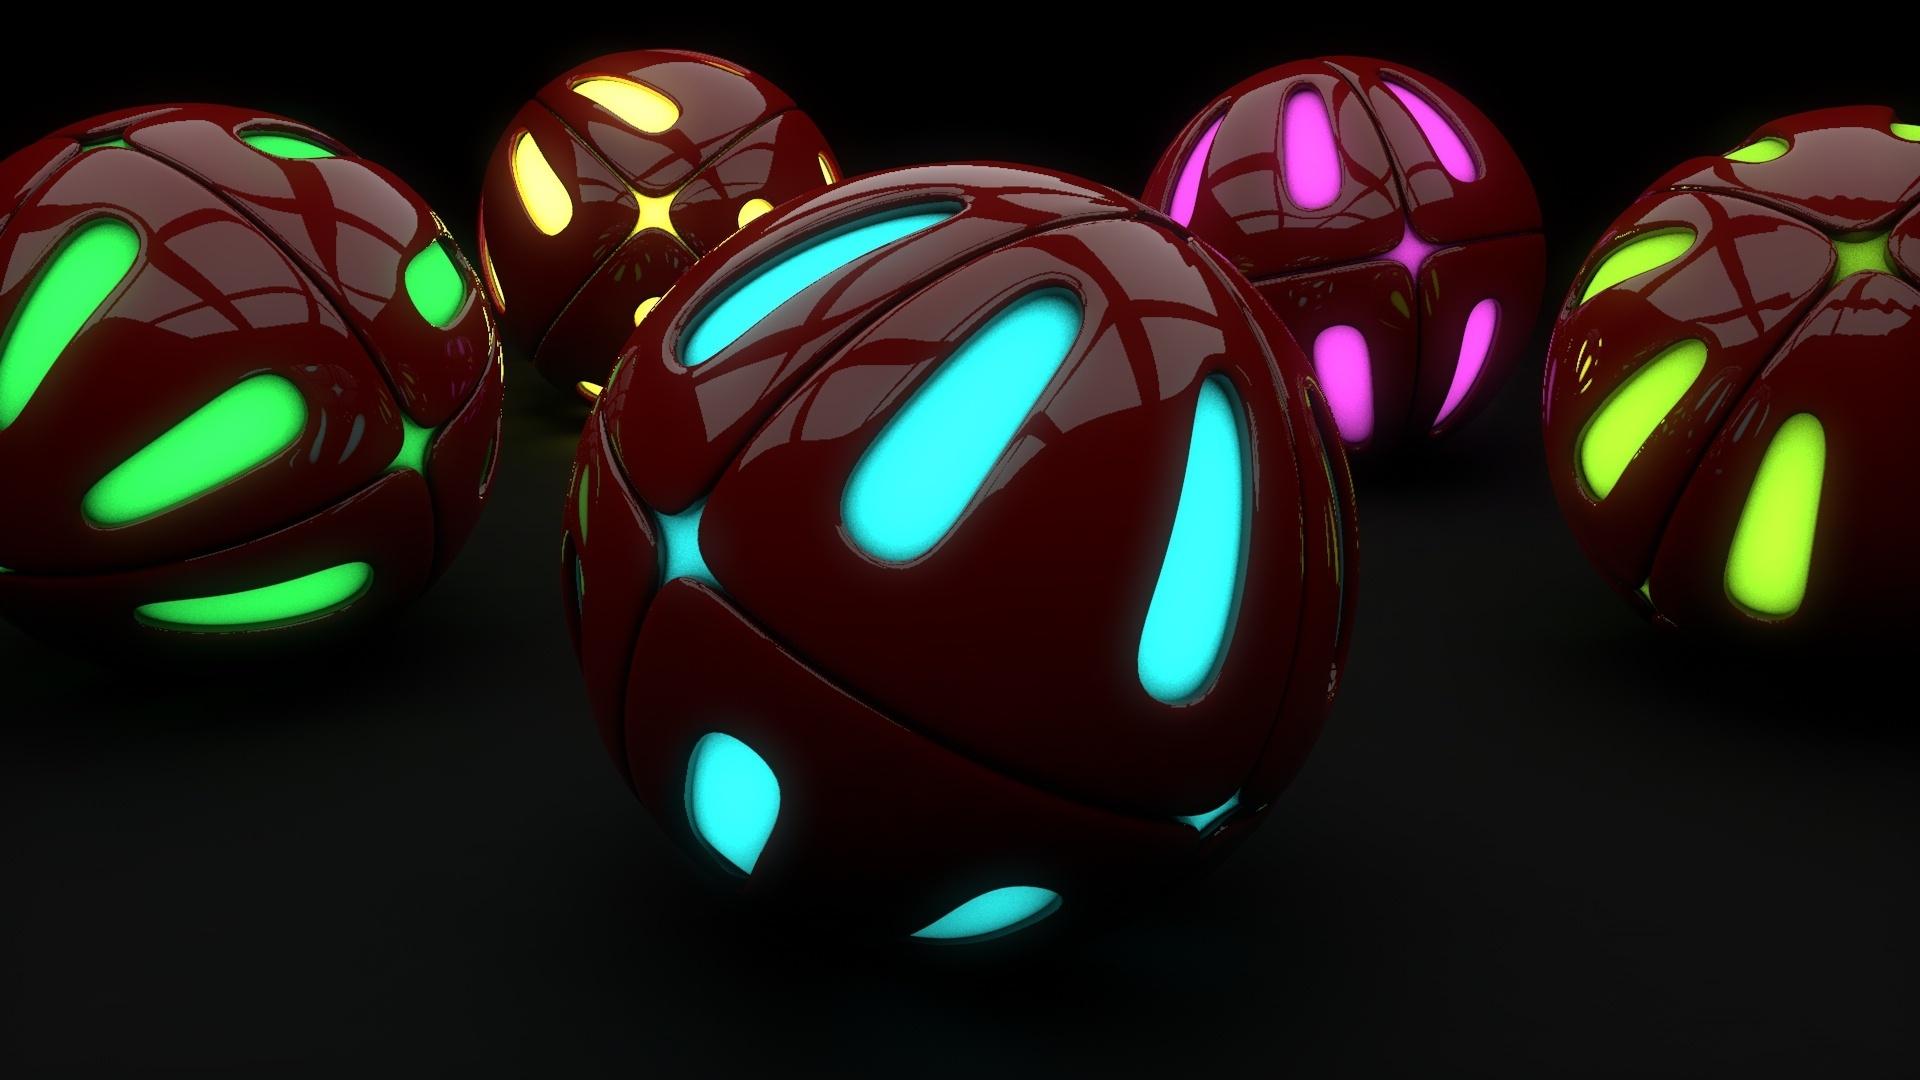 Neon Balloon Image